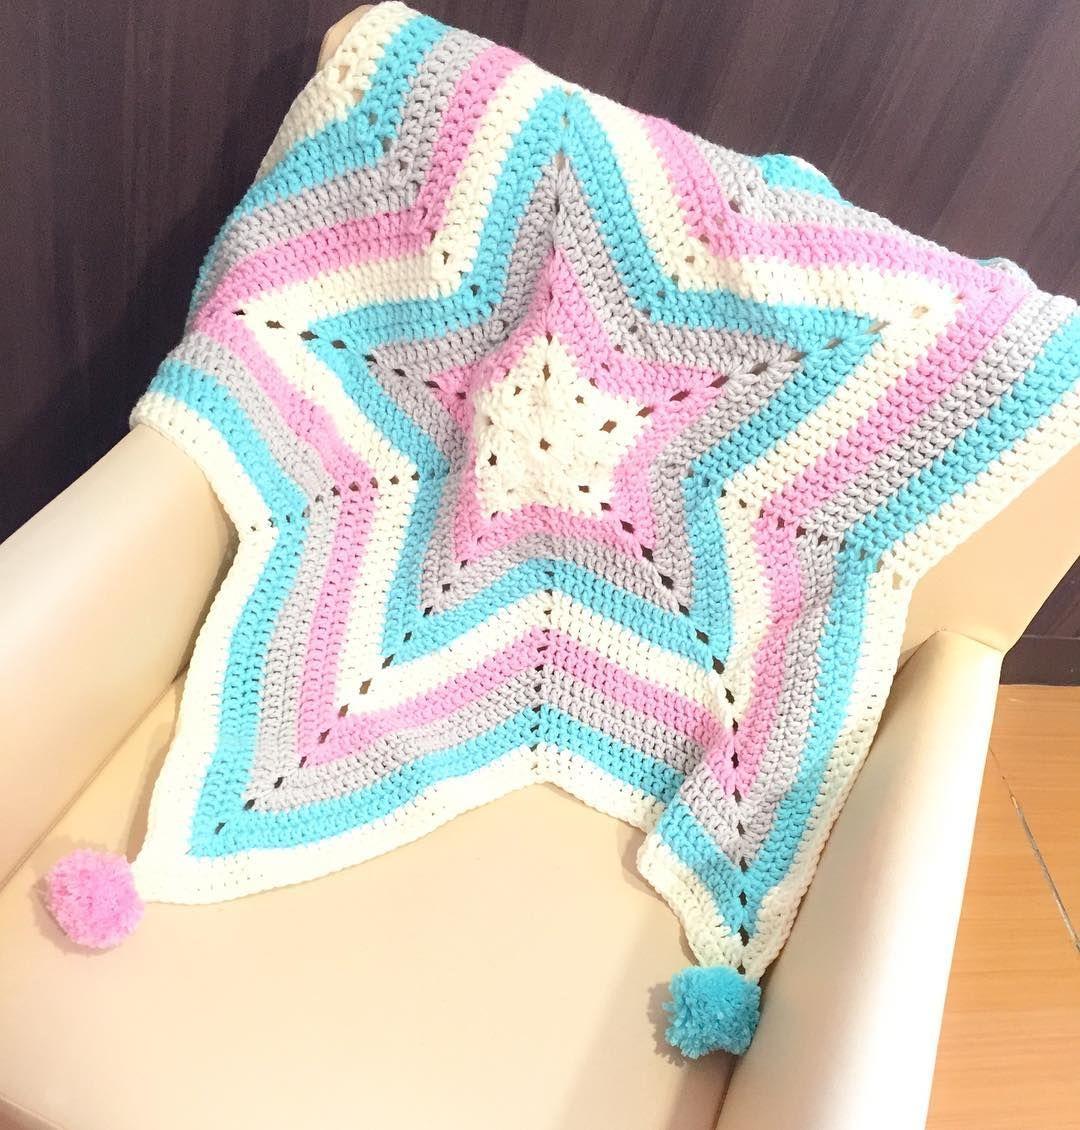 Another blanket for #babyli  快d出黎見媽媽 #hk #hkig #hkiger #hongkong #crochetaddict #crochetblanket #crochet #crochetbabyblanket #happy #happymama #38weeks #mrsli #mrandmrsli #star #babygirl by charpnli